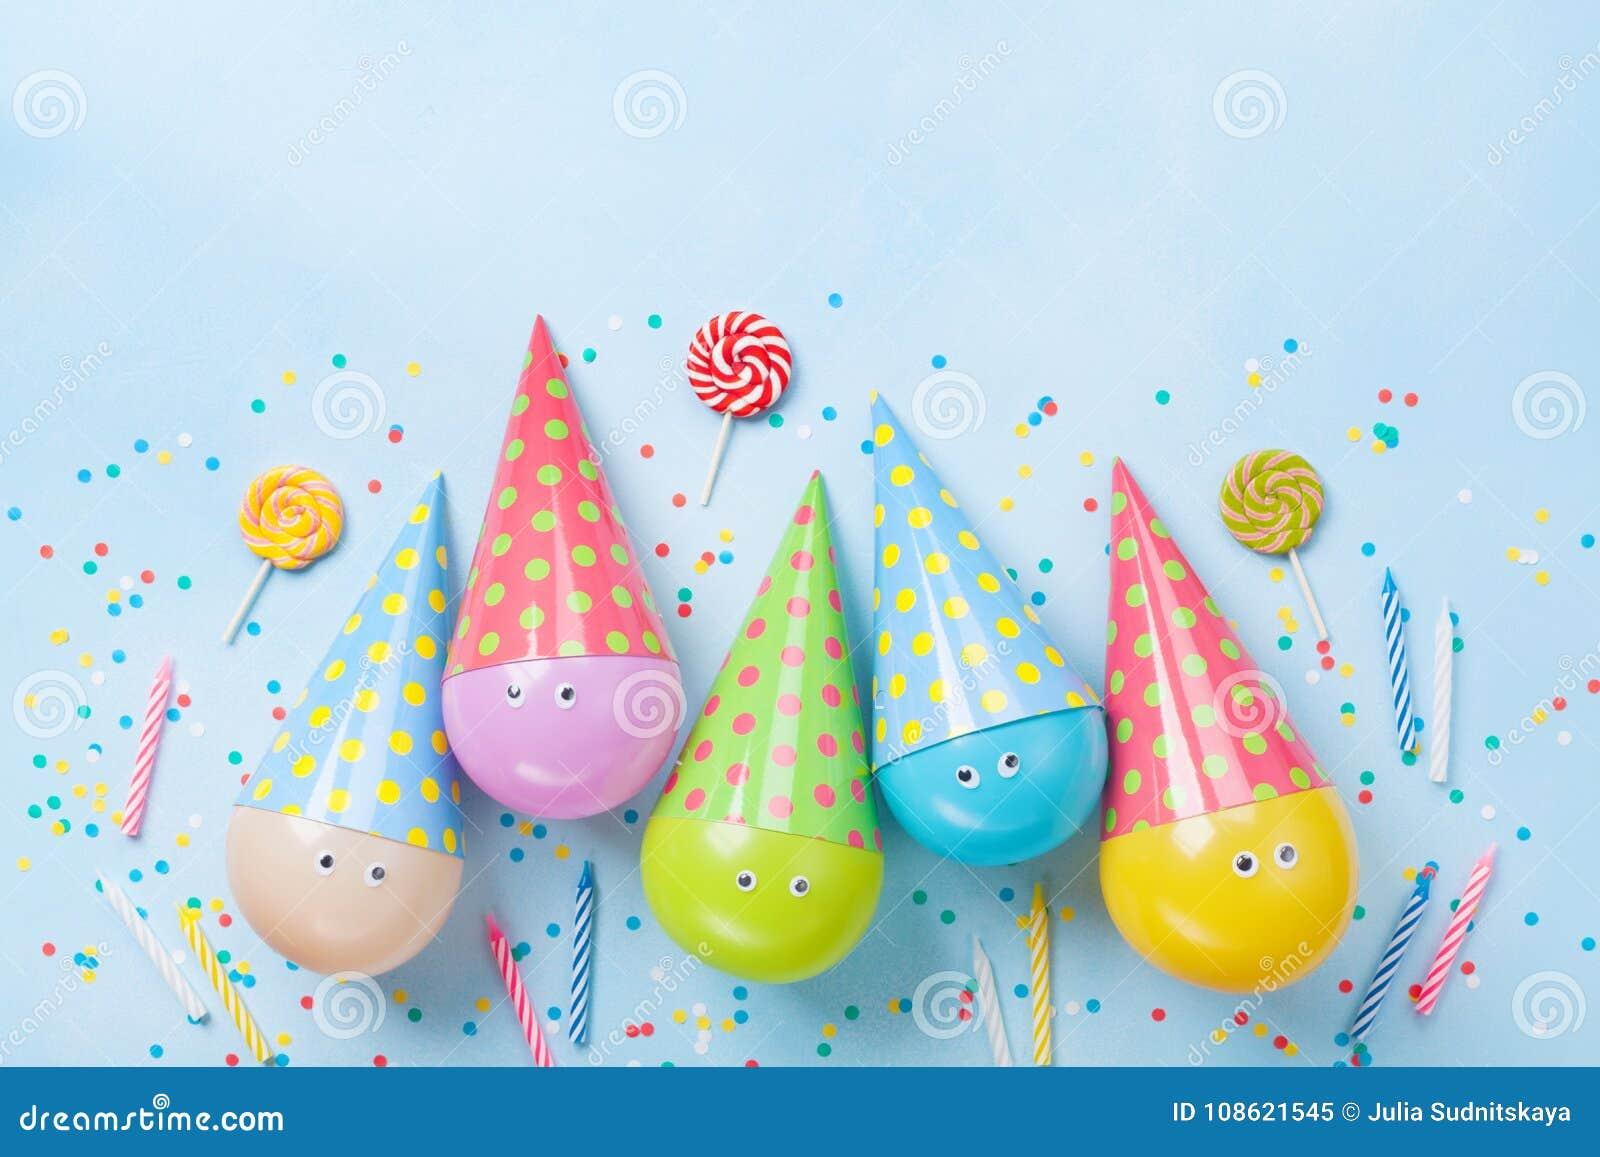 附上背景生日配件箱看板卡对字的许多自己的当事人可能性写您 滑稽的气球、糖果和五彩纸屑在蓝色台式视图 平的位置 1个看板卡邀请